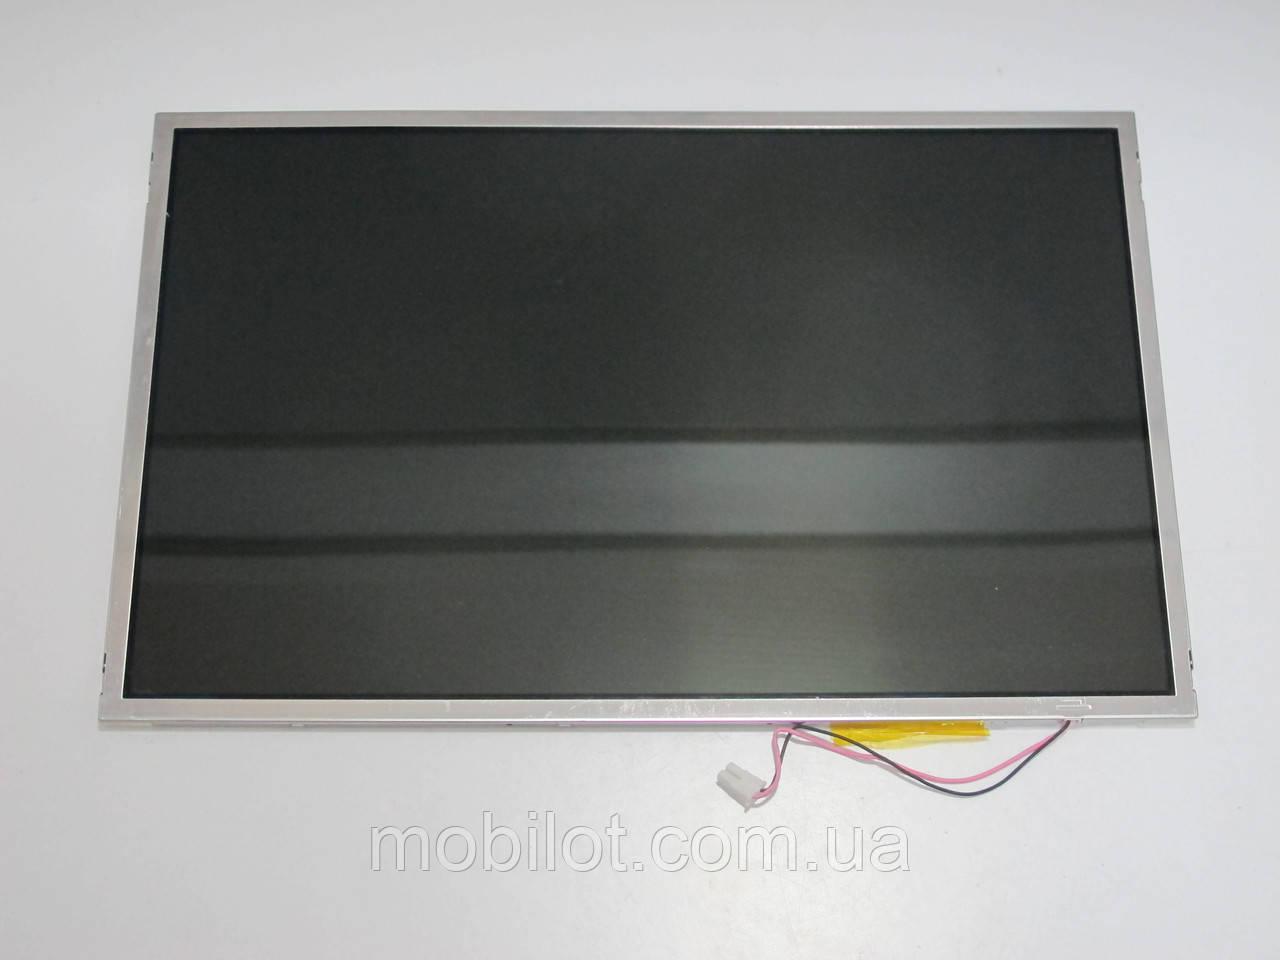 Экран (матрица) 12.1 Lamp (NZ-4758)